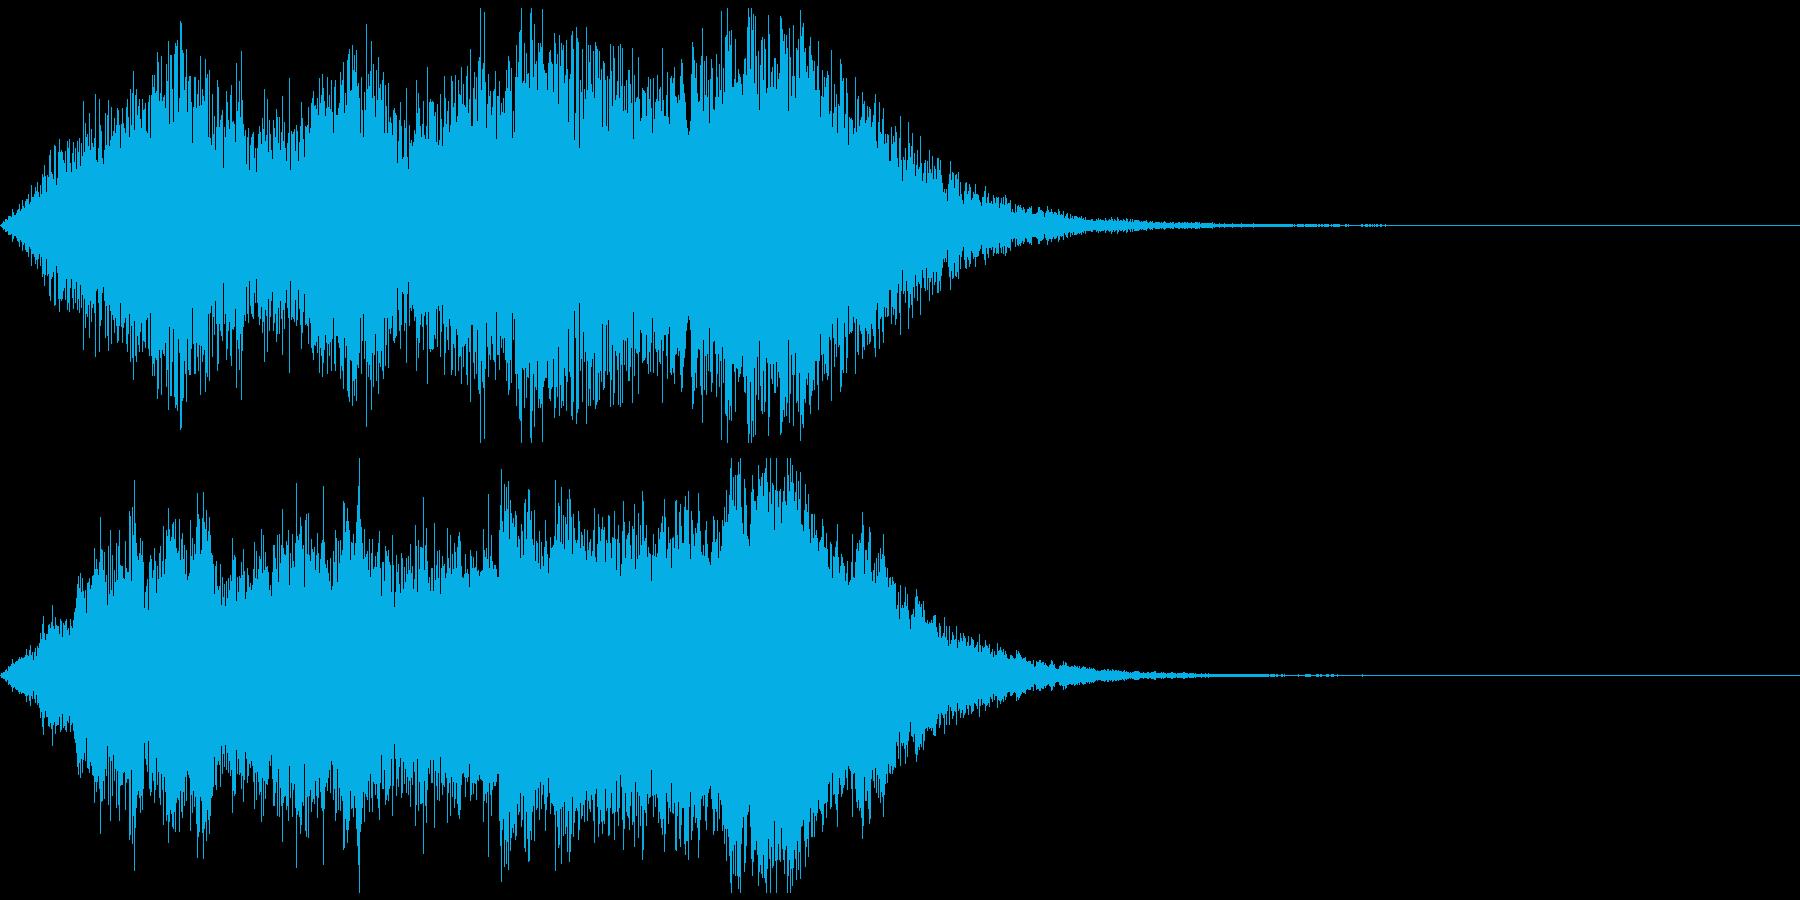 緊張感・迫り来るストリングスサウンドの再生済みの波形